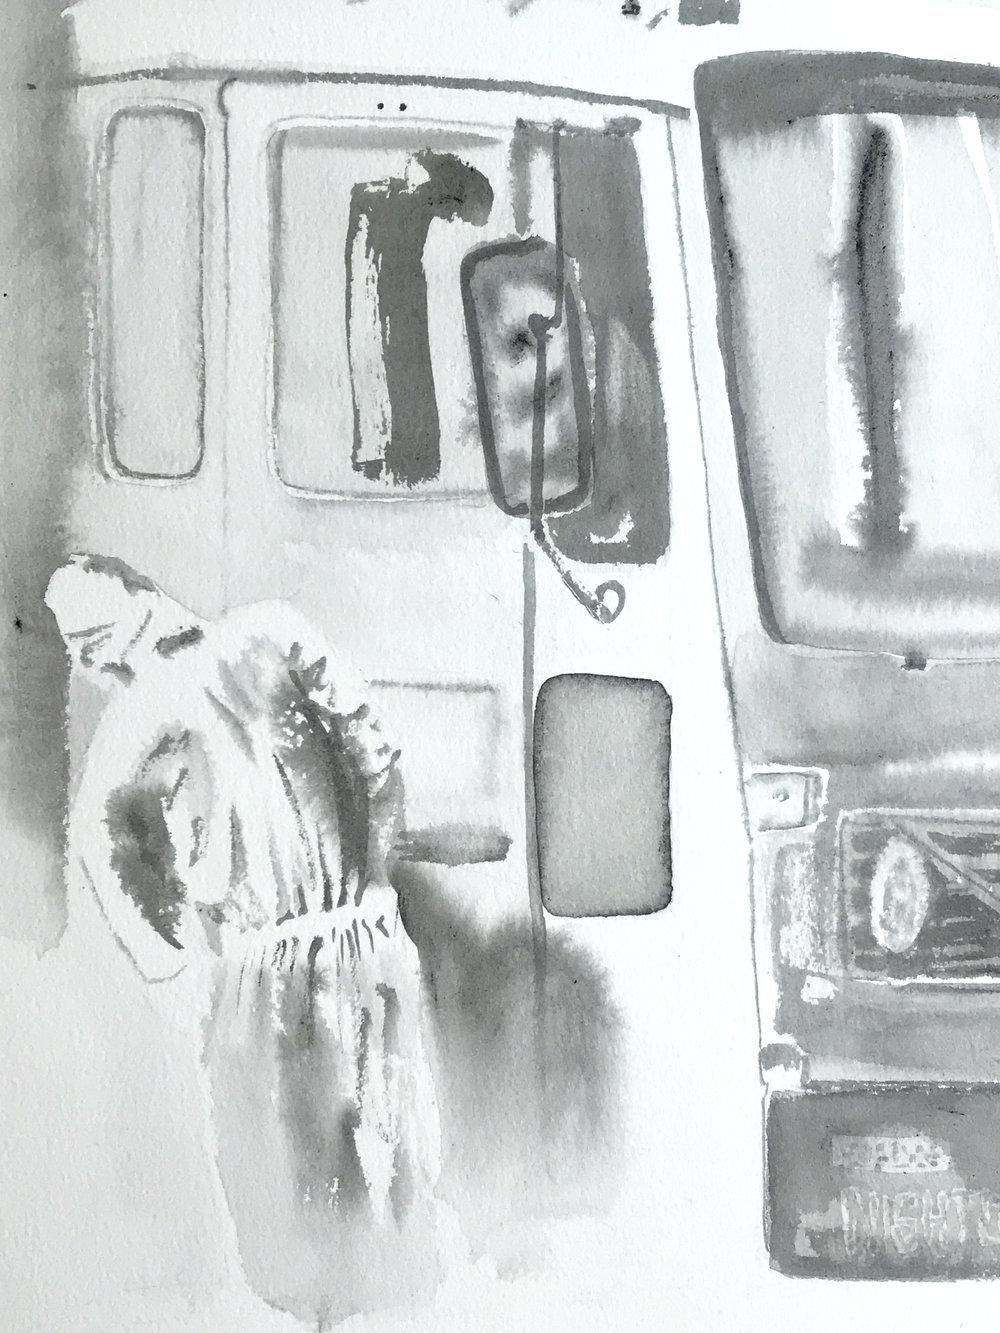 Detail of FUGUE